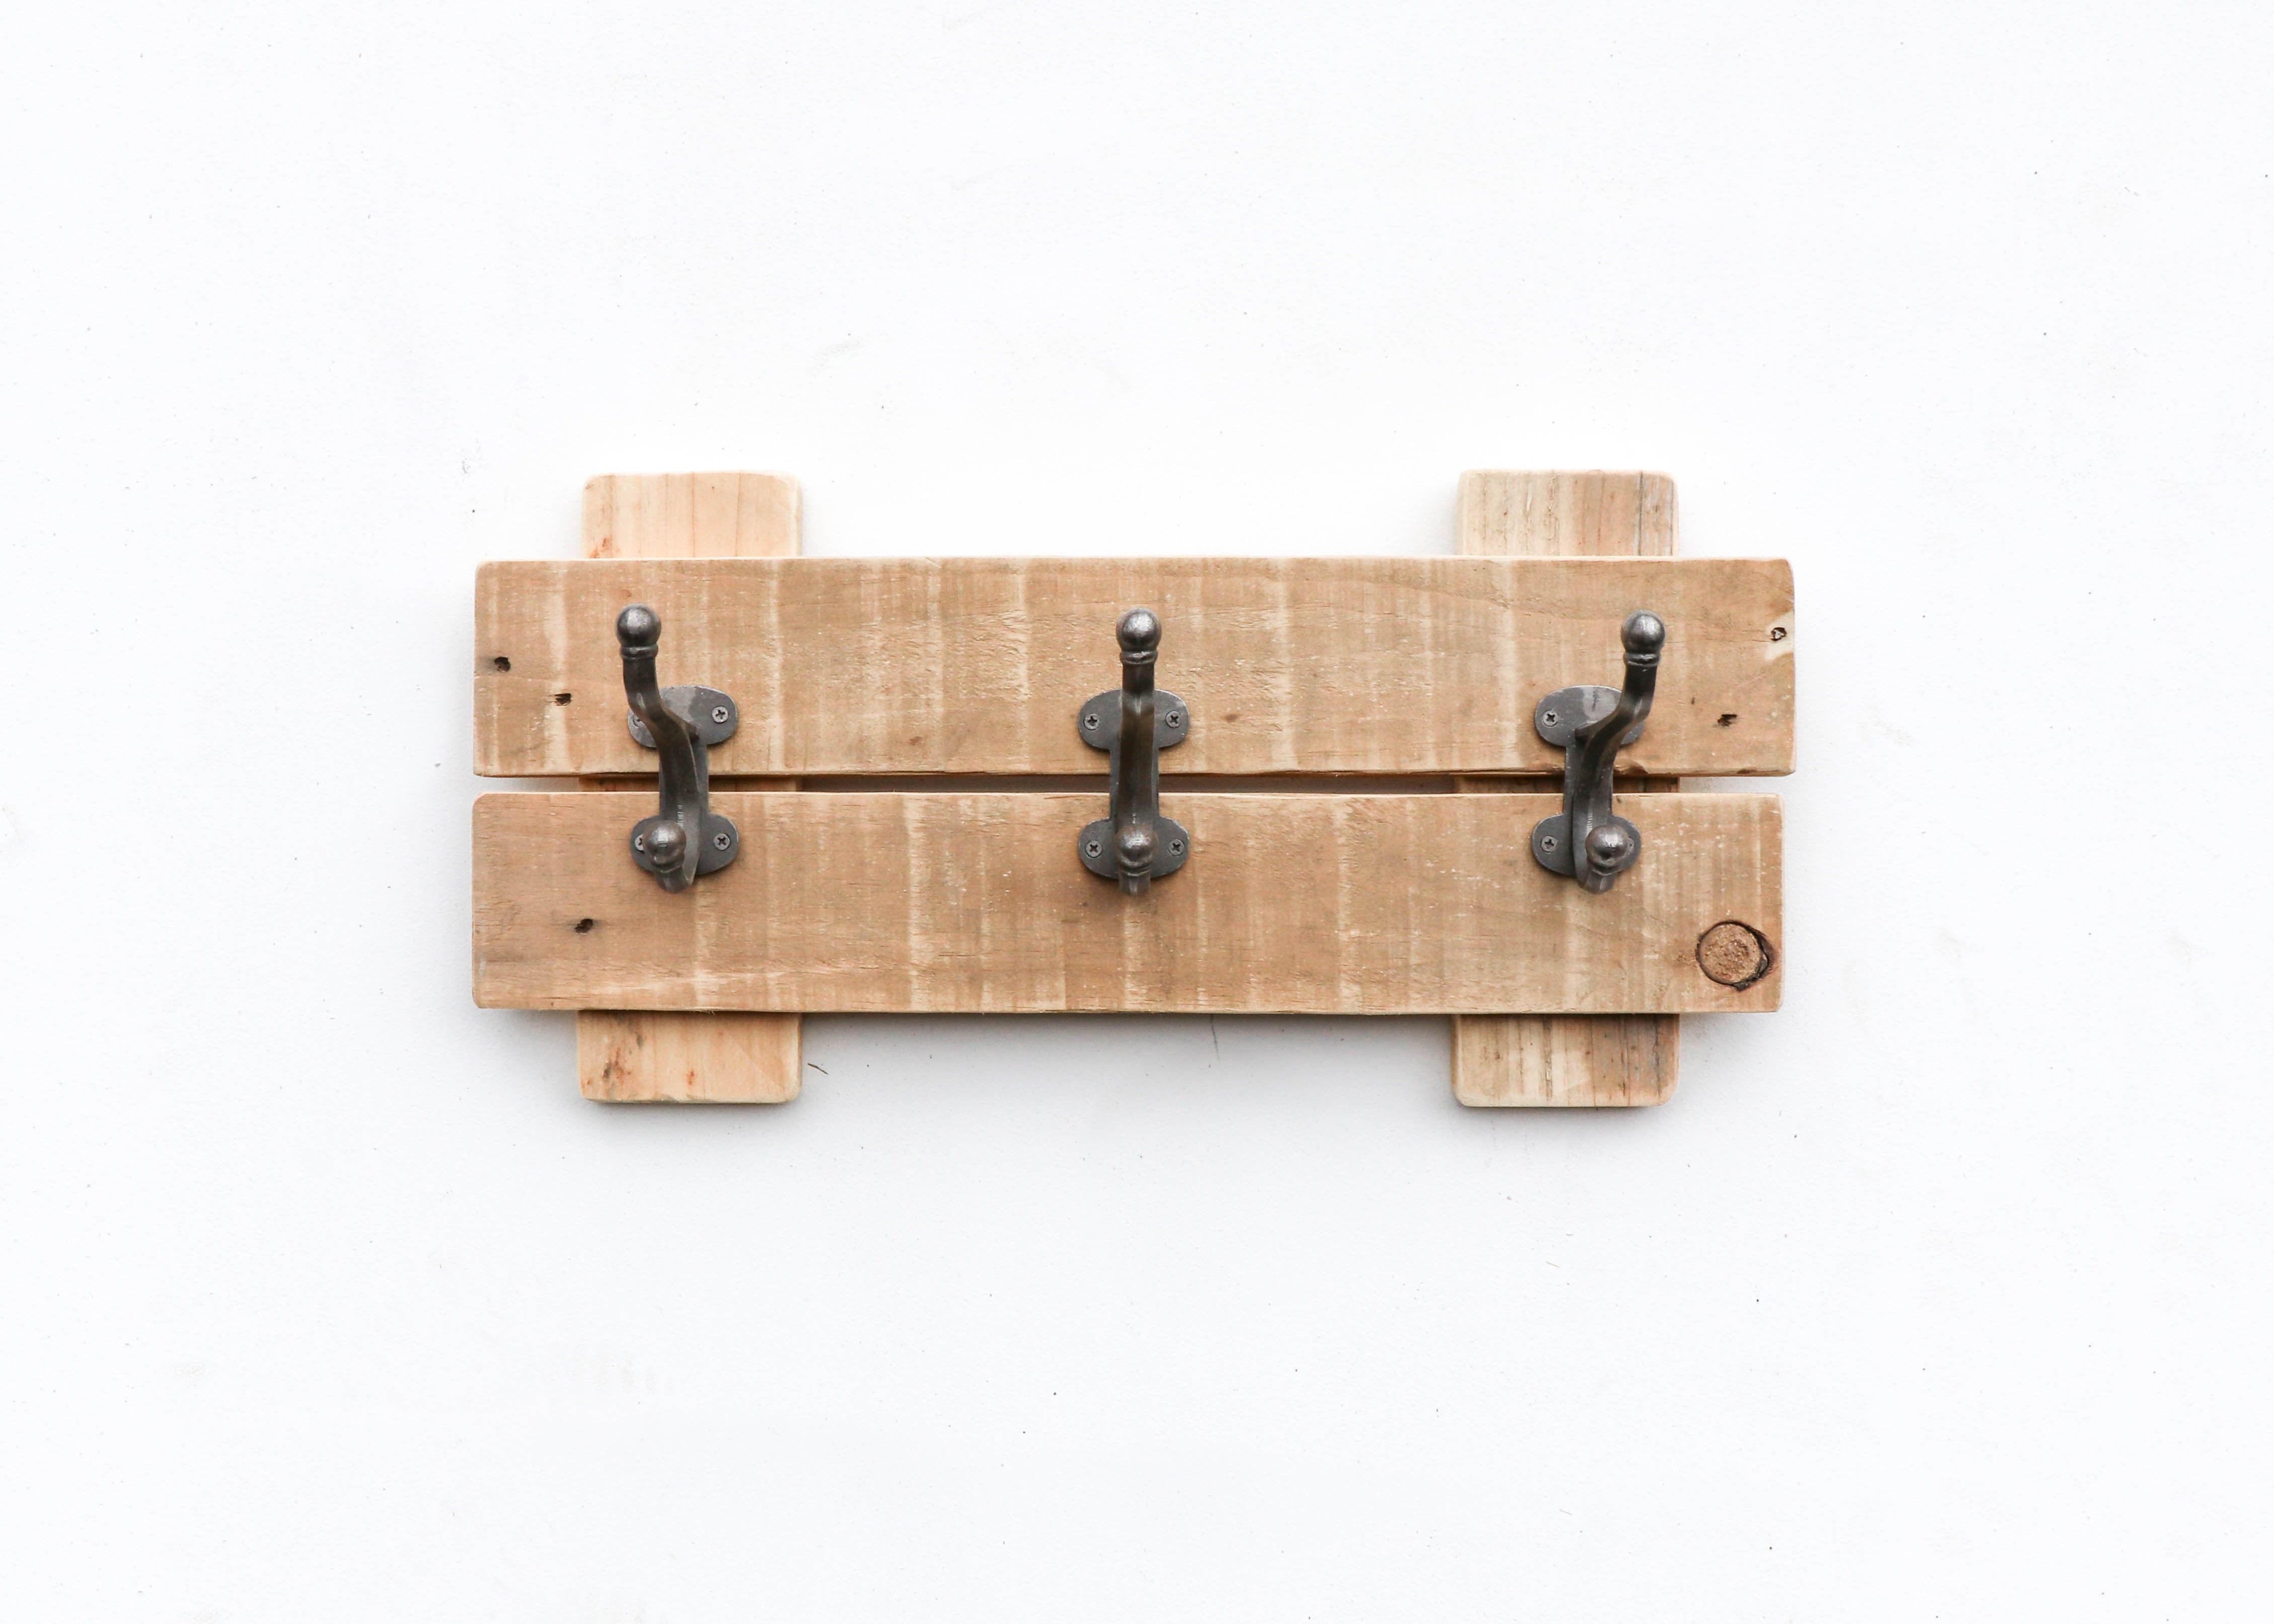 Cadiz Rustic Wall Mounted Wooden Coat Hook Rack Wooden Coat Hooks Rustic Walls Wooden Coat Hangers